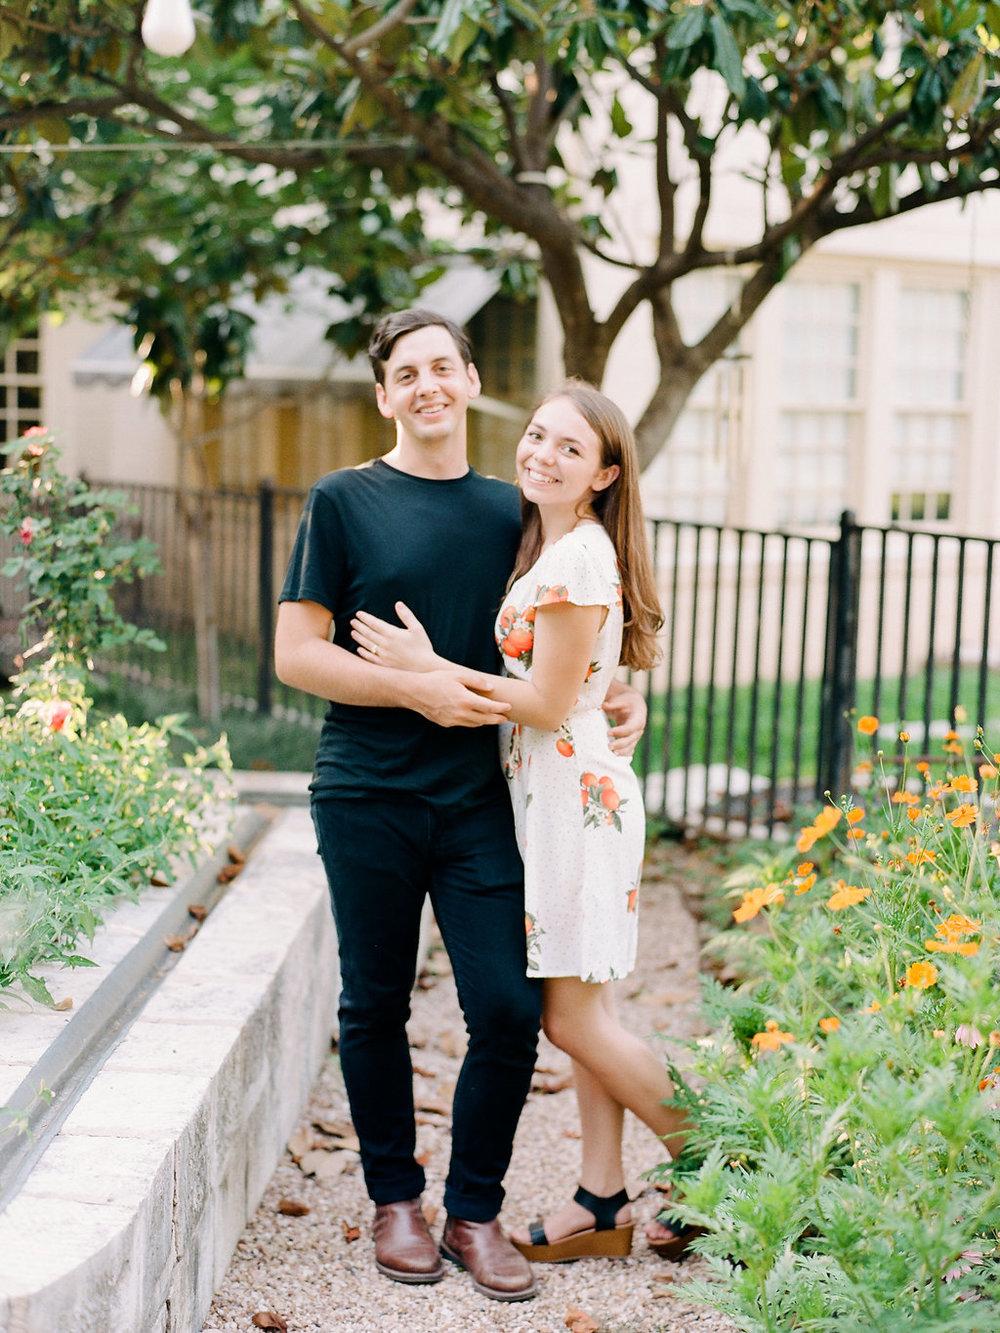 Best-Austin-Denver-California-Wedding-Photographers-fine-art-film-Engagement-Session-39.jpg